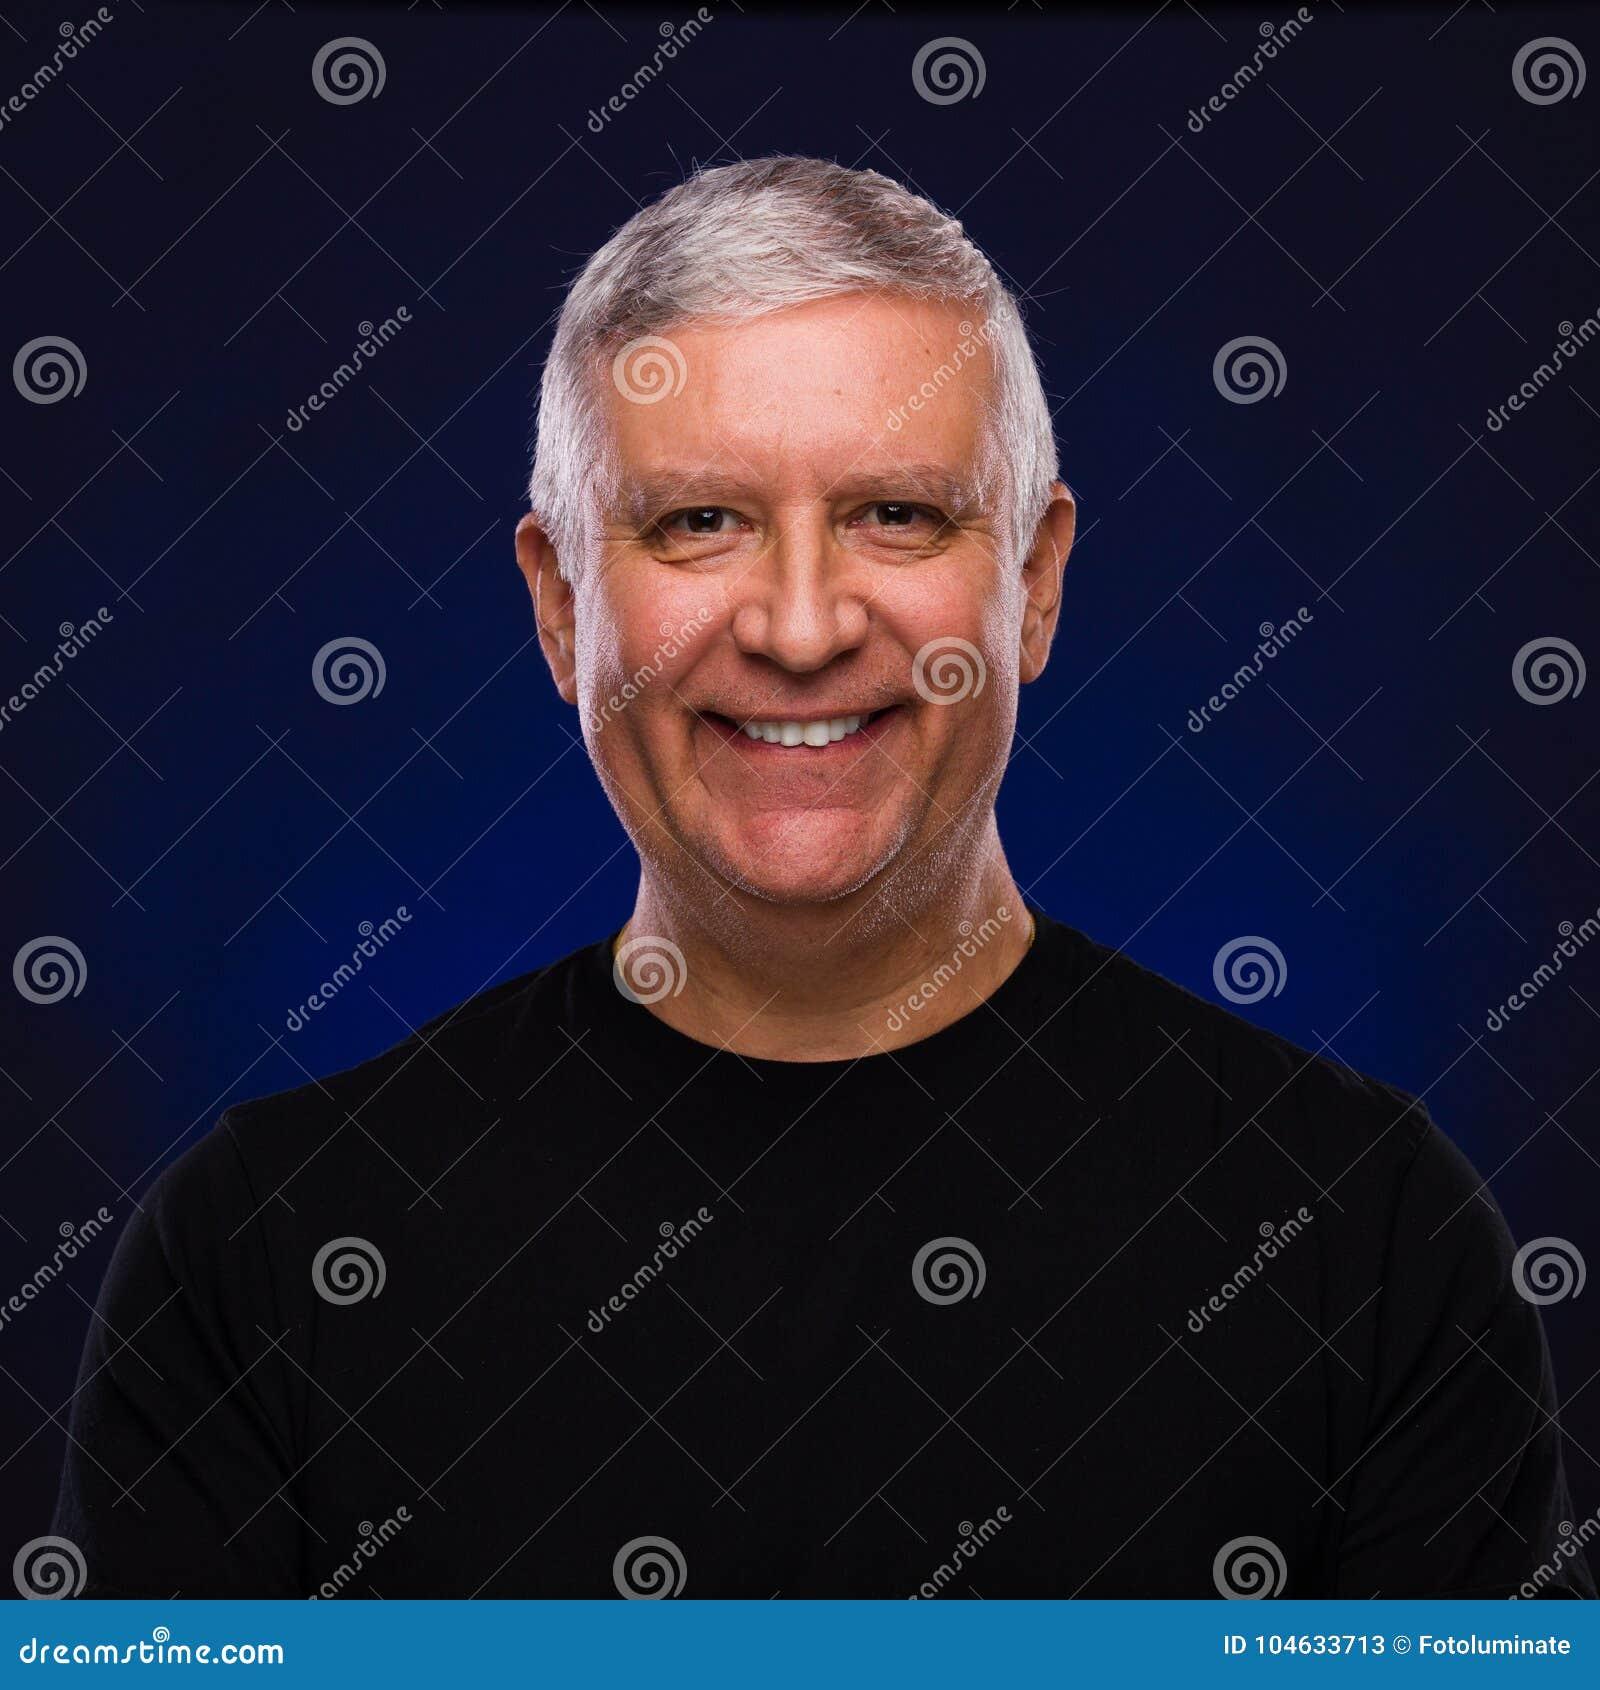 Download Knap mensenportret stock afbeelding. Afbeelding bestaande uit mensen - 104633713